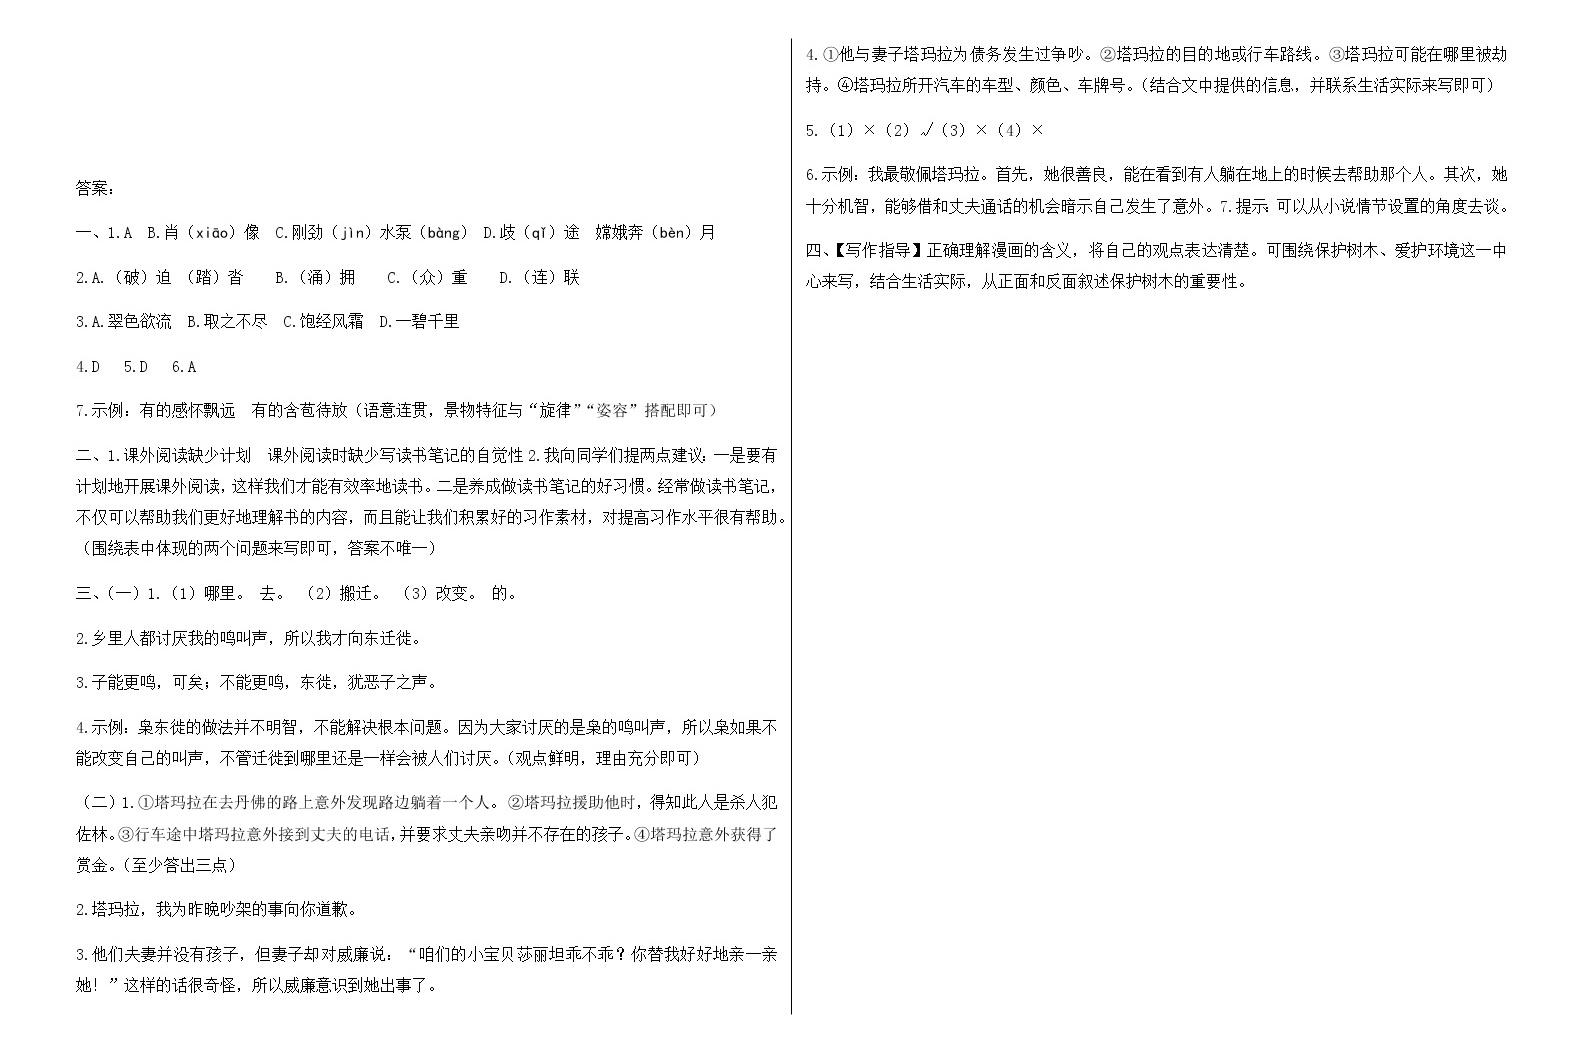 2019-2020年度六年级语文小升初全真模拟试卷 (三)(有答案)04